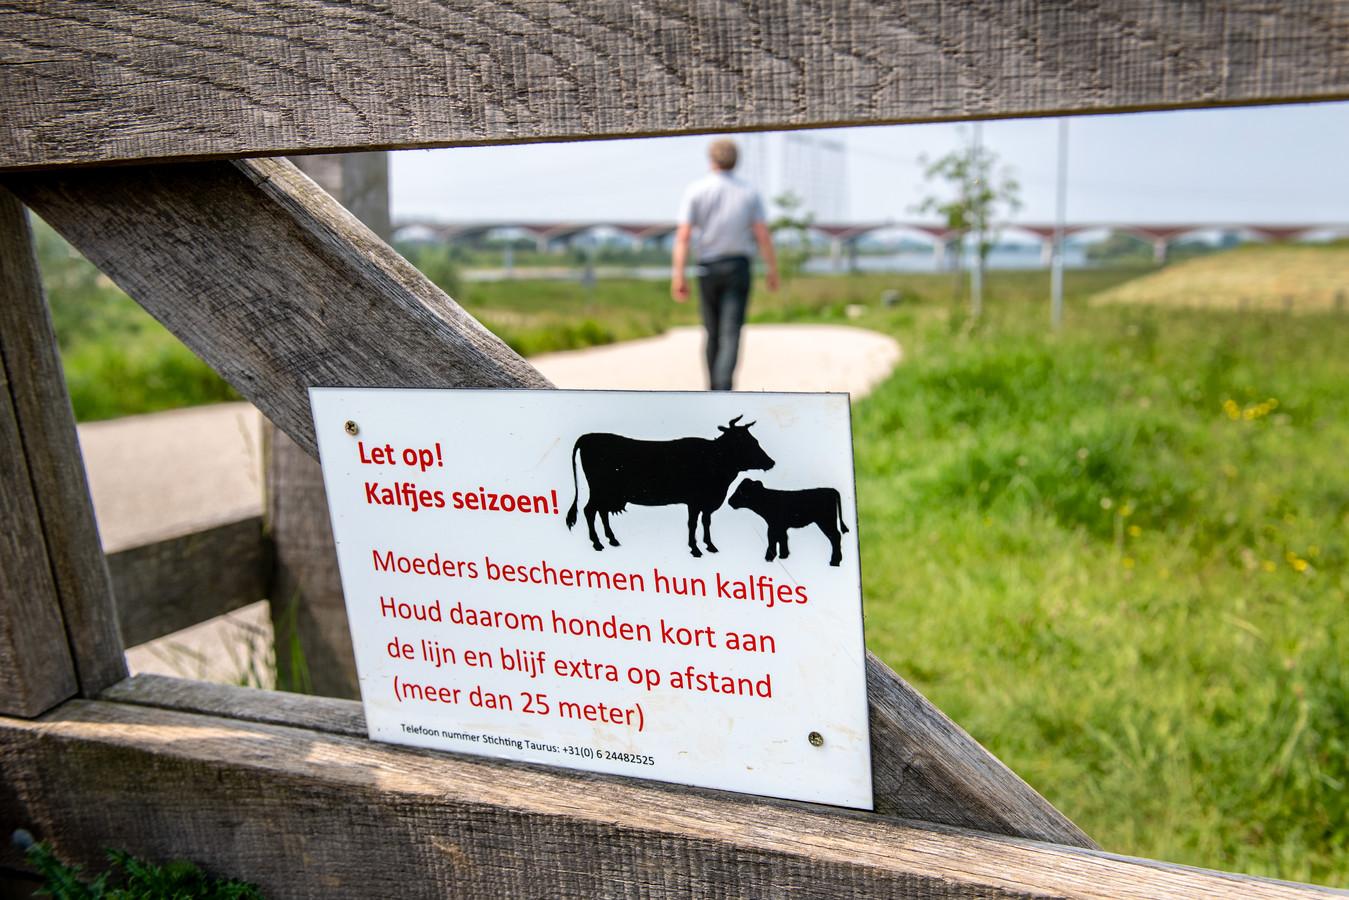 Met deze borden aan de toegangspoorten wijst Stichting Taurus op het extra gevaar nu moederdieren hun kalfjes willen beschermen.